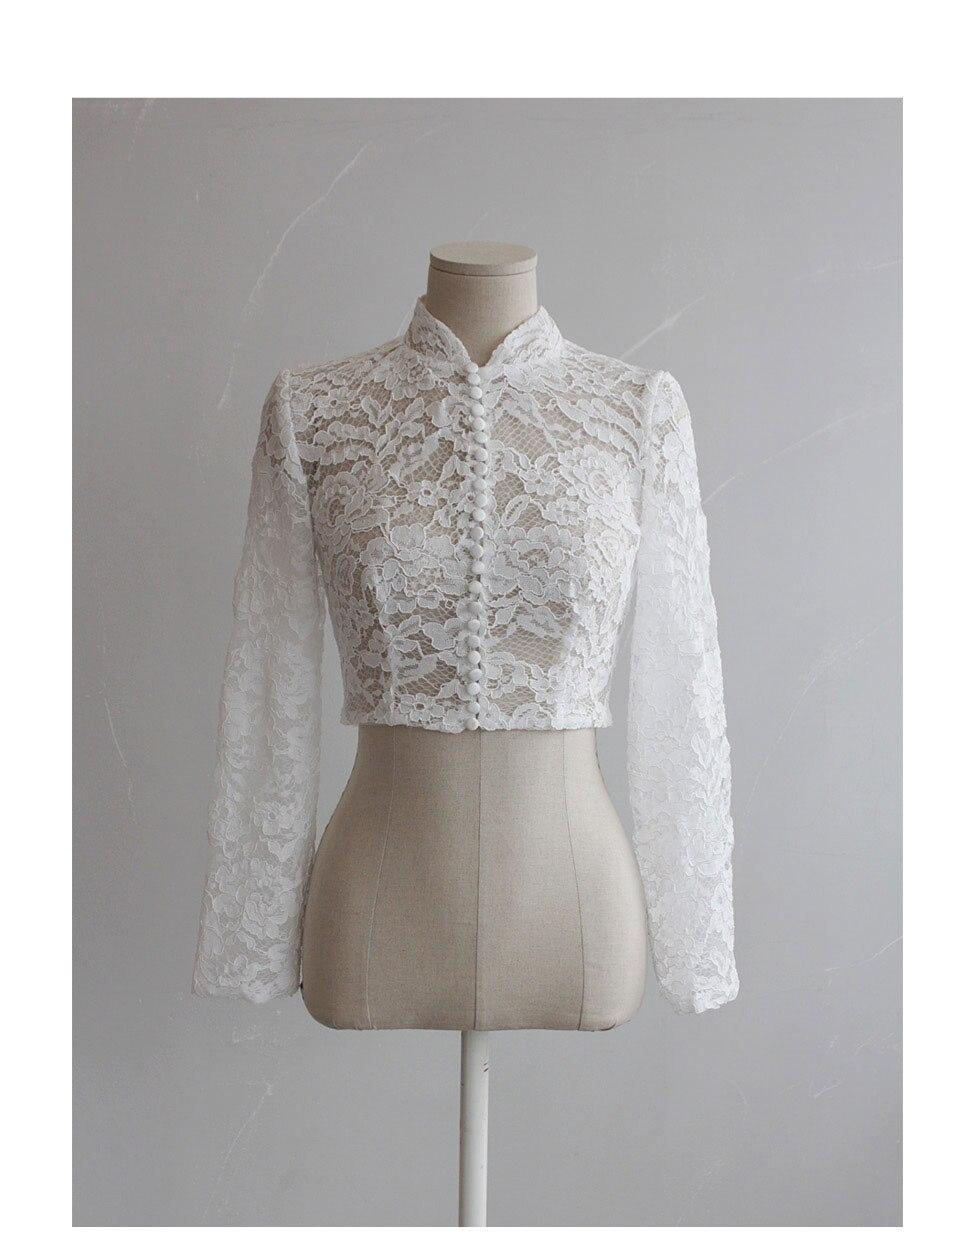 Merryu Bride Wedding Shawl  Lace  Long Sleeve Wedding Dress Wedding Jacket Wedding Accessories